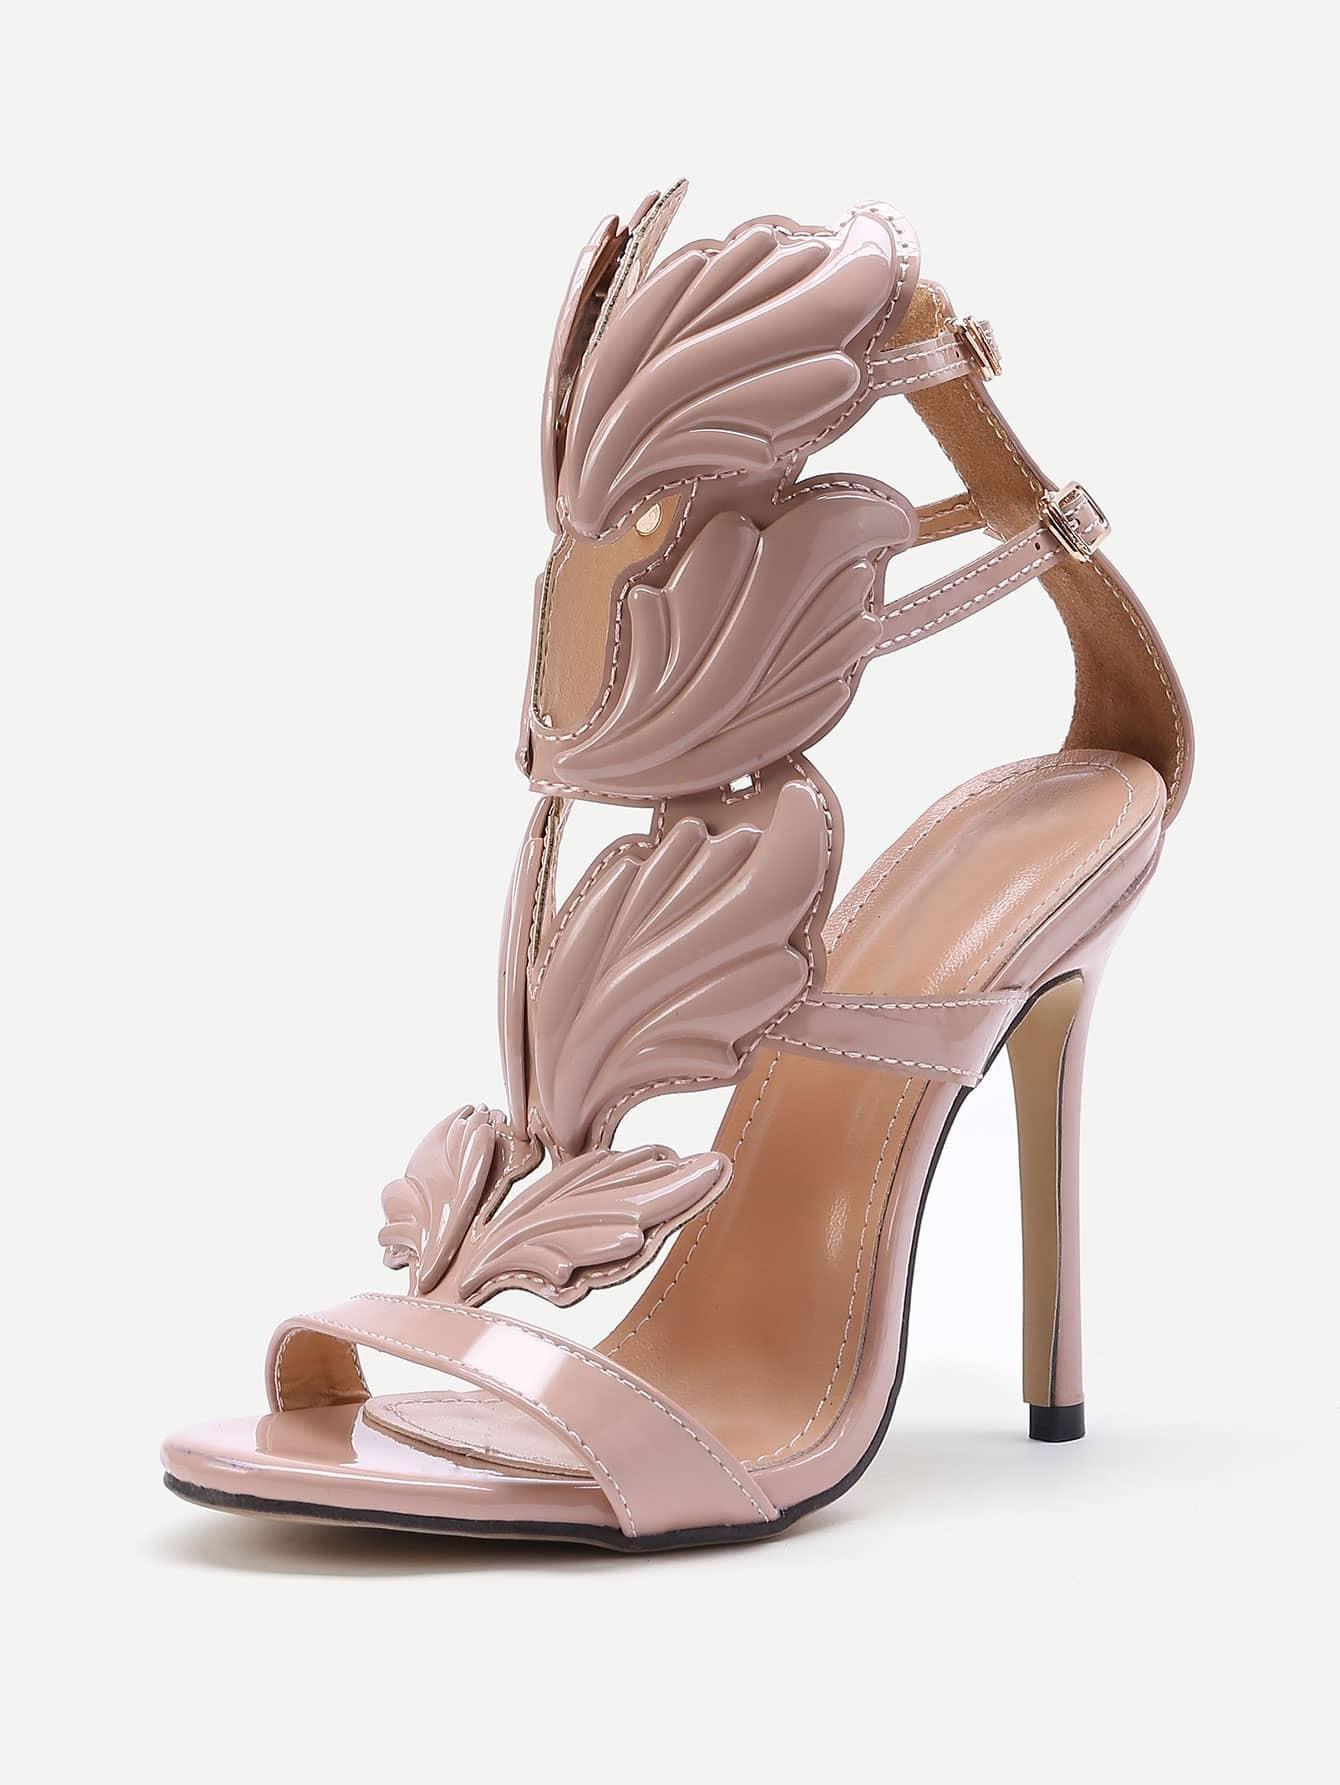 shoes170421806_2